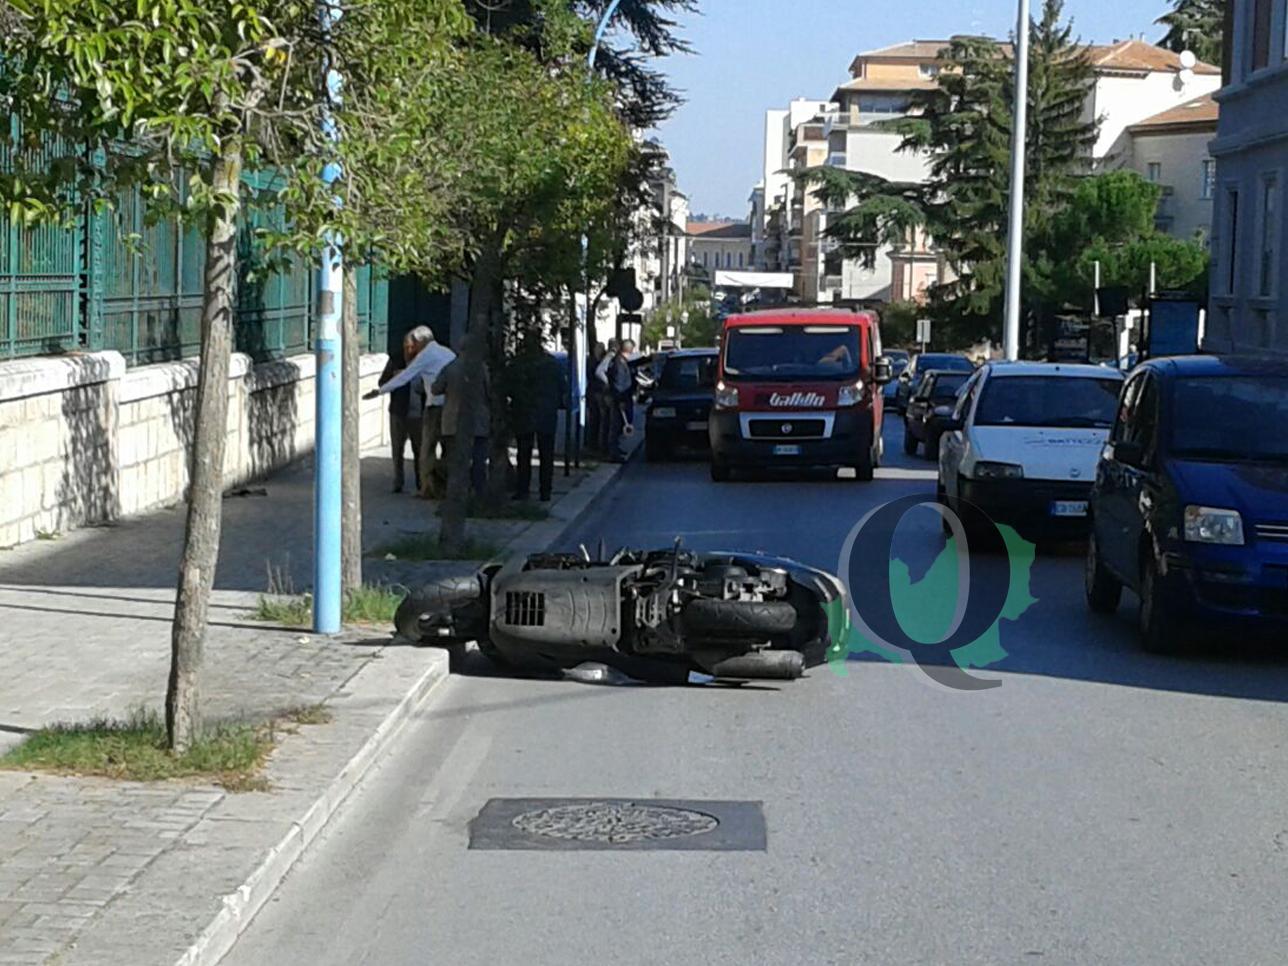 Scontro tra scooter e furgoncino, paura per un uomo (FOTO)